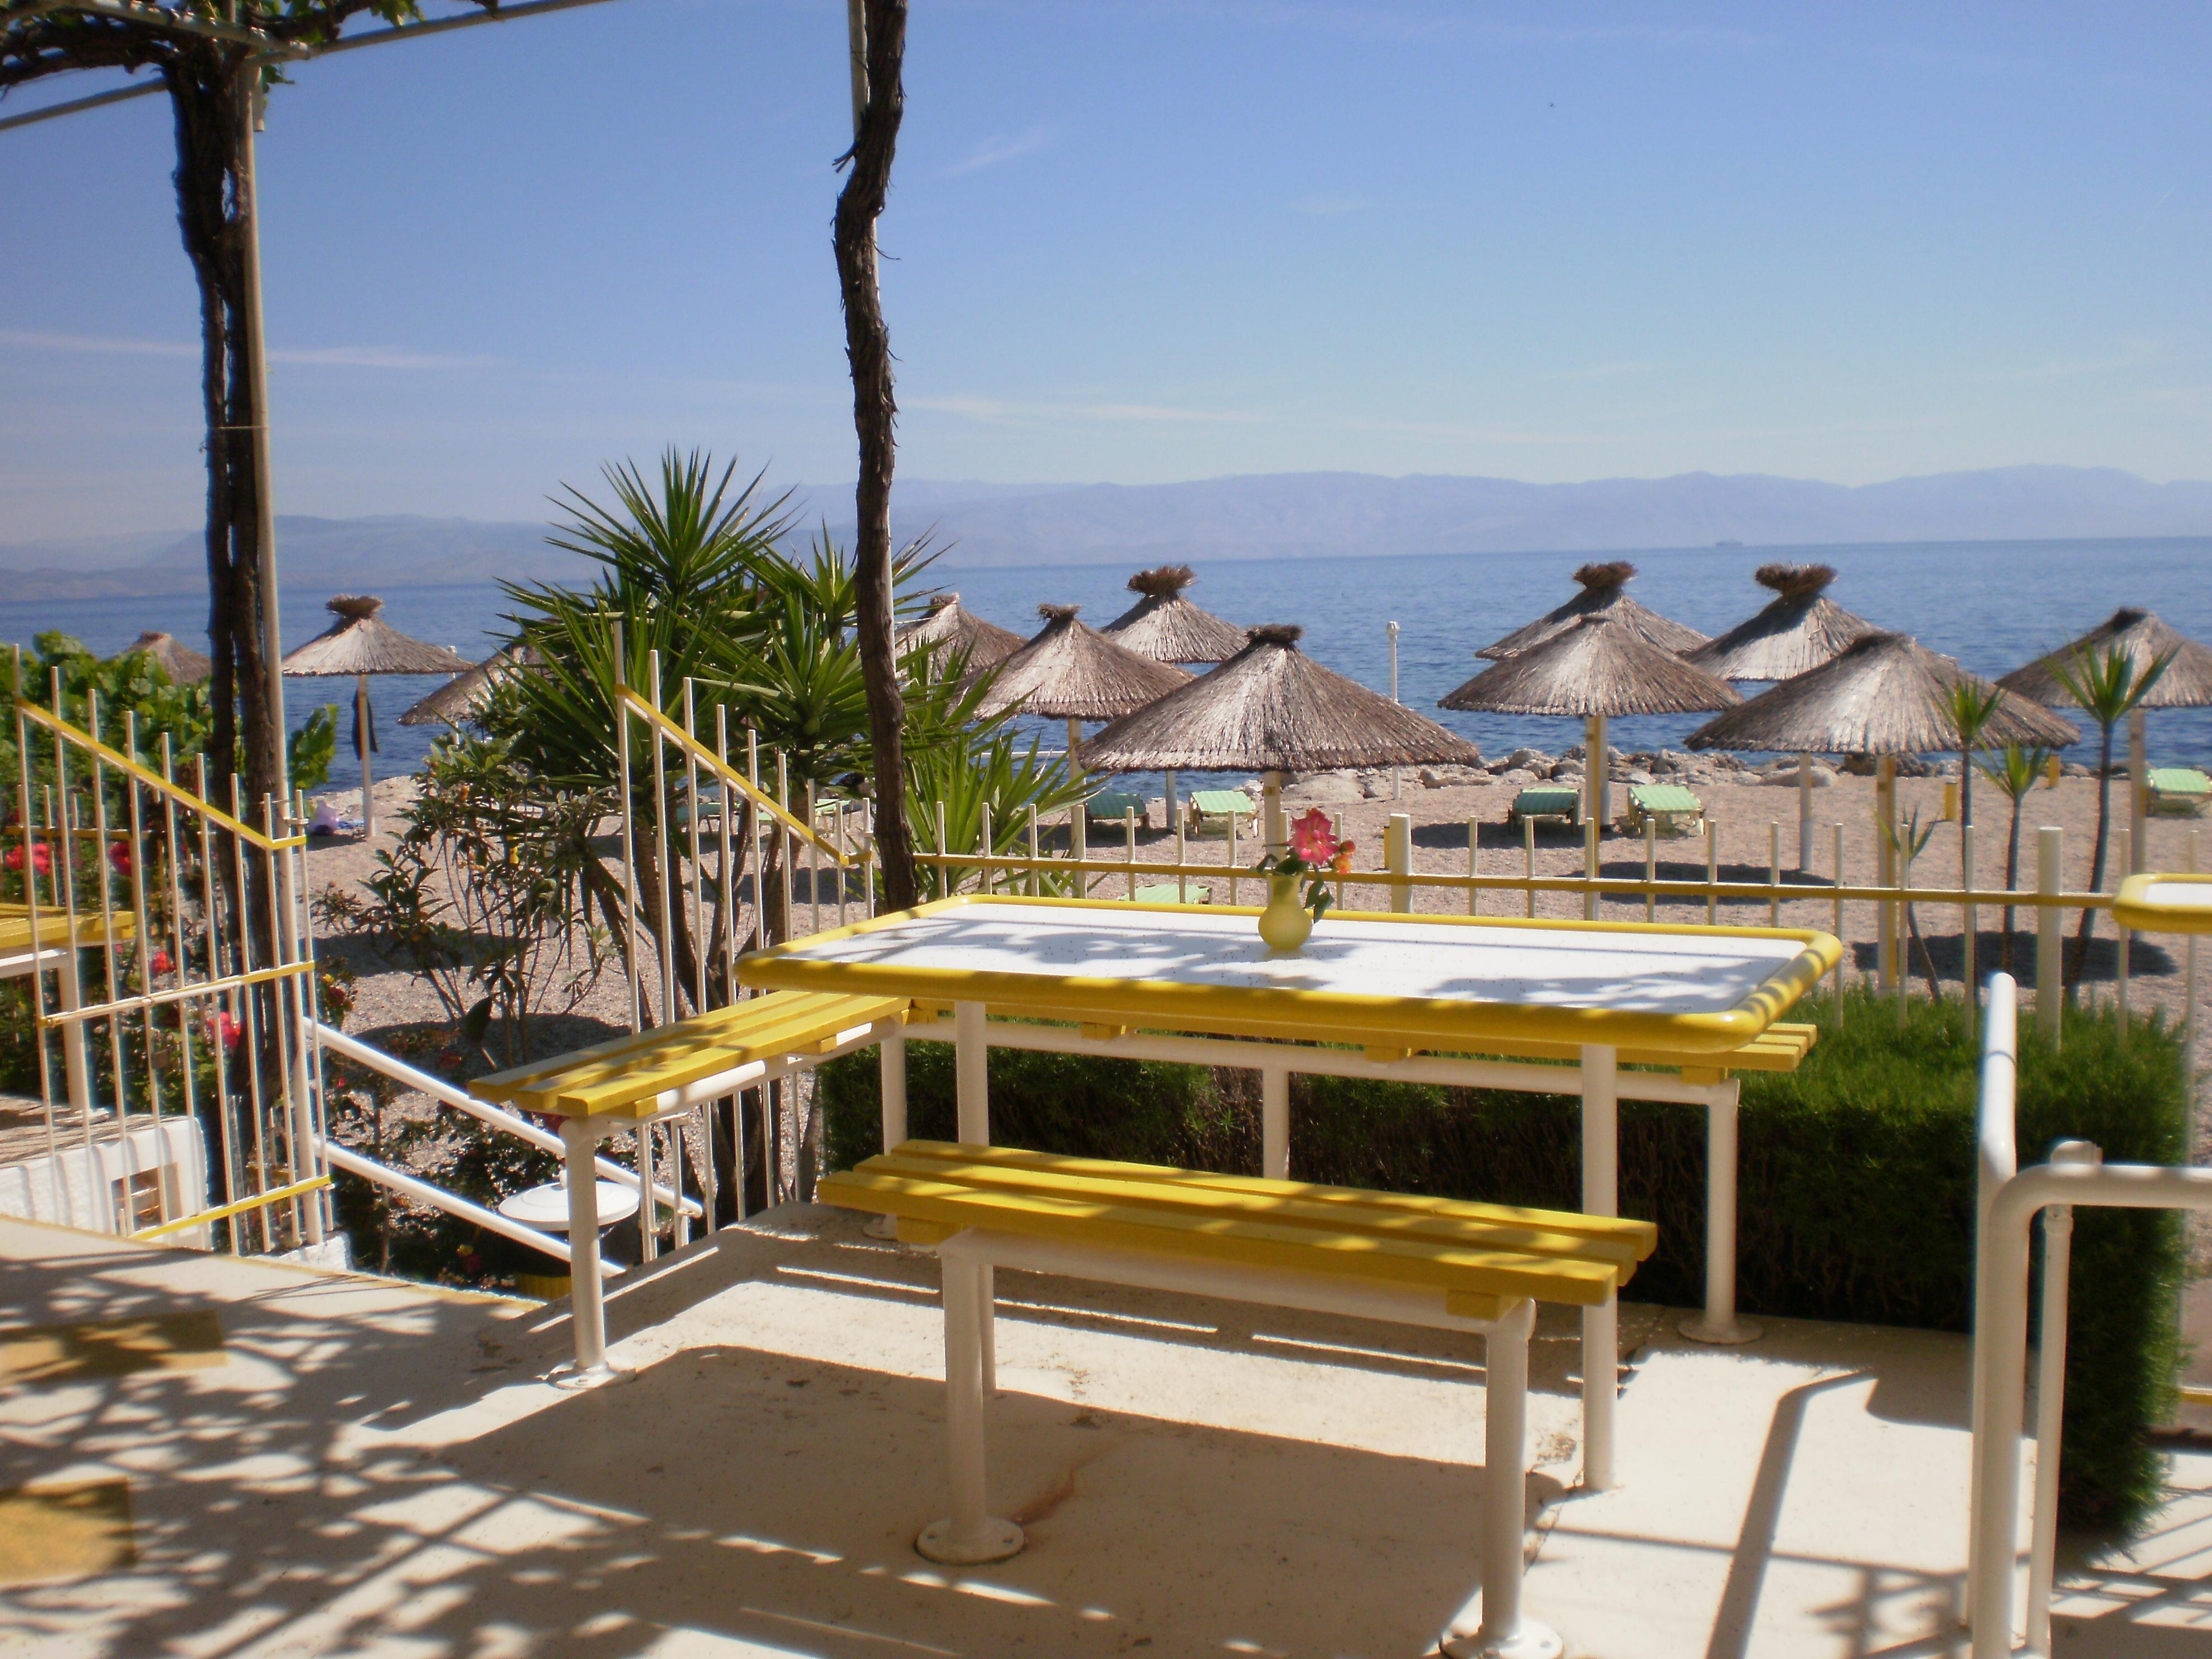 Maison de vacances Entspannte Ferien ein paar Schritte vom Meer entfernt und mit einem Gefhl der Privatsphre (2378713), Moraitika, Corfou, Iles Ioniennes, Grèce, image 22